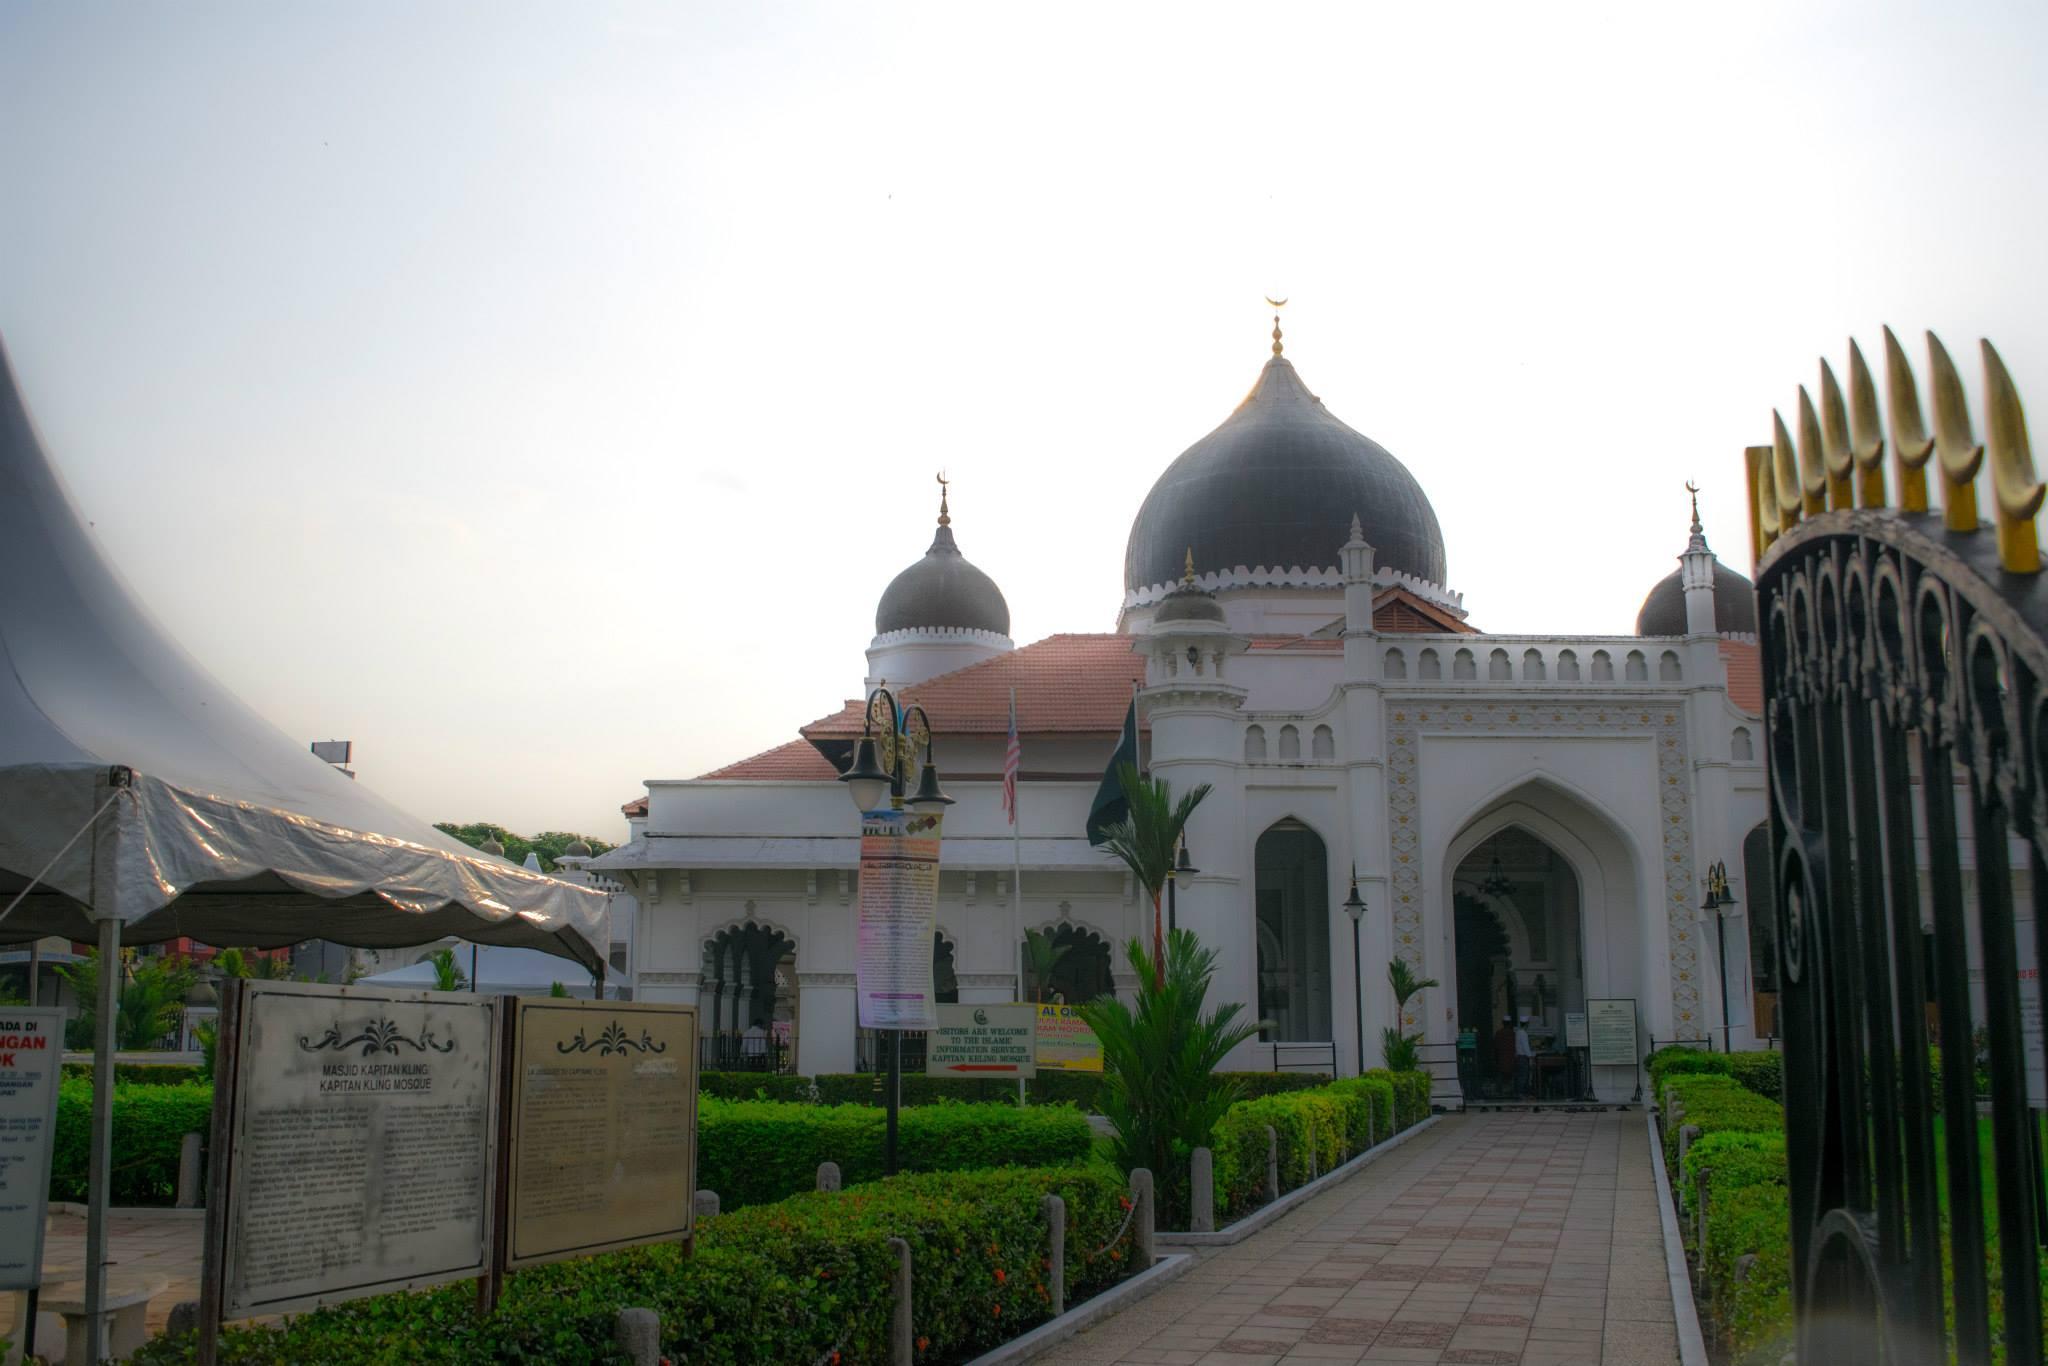 ペナン島 カピタン・クリン・モスク#166